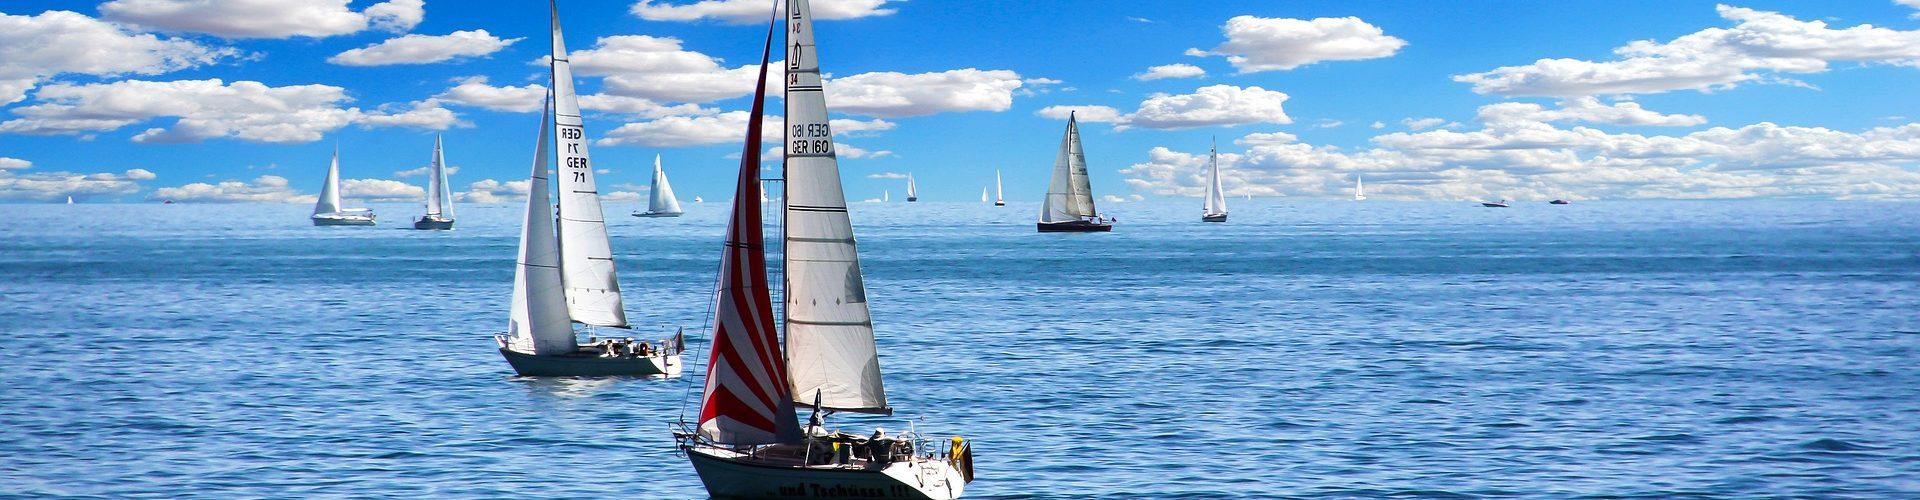 segeln lernen in Drochtersen segelschein machen in Drochtersen 1920x500 - Segeln lernen in Drochtersen